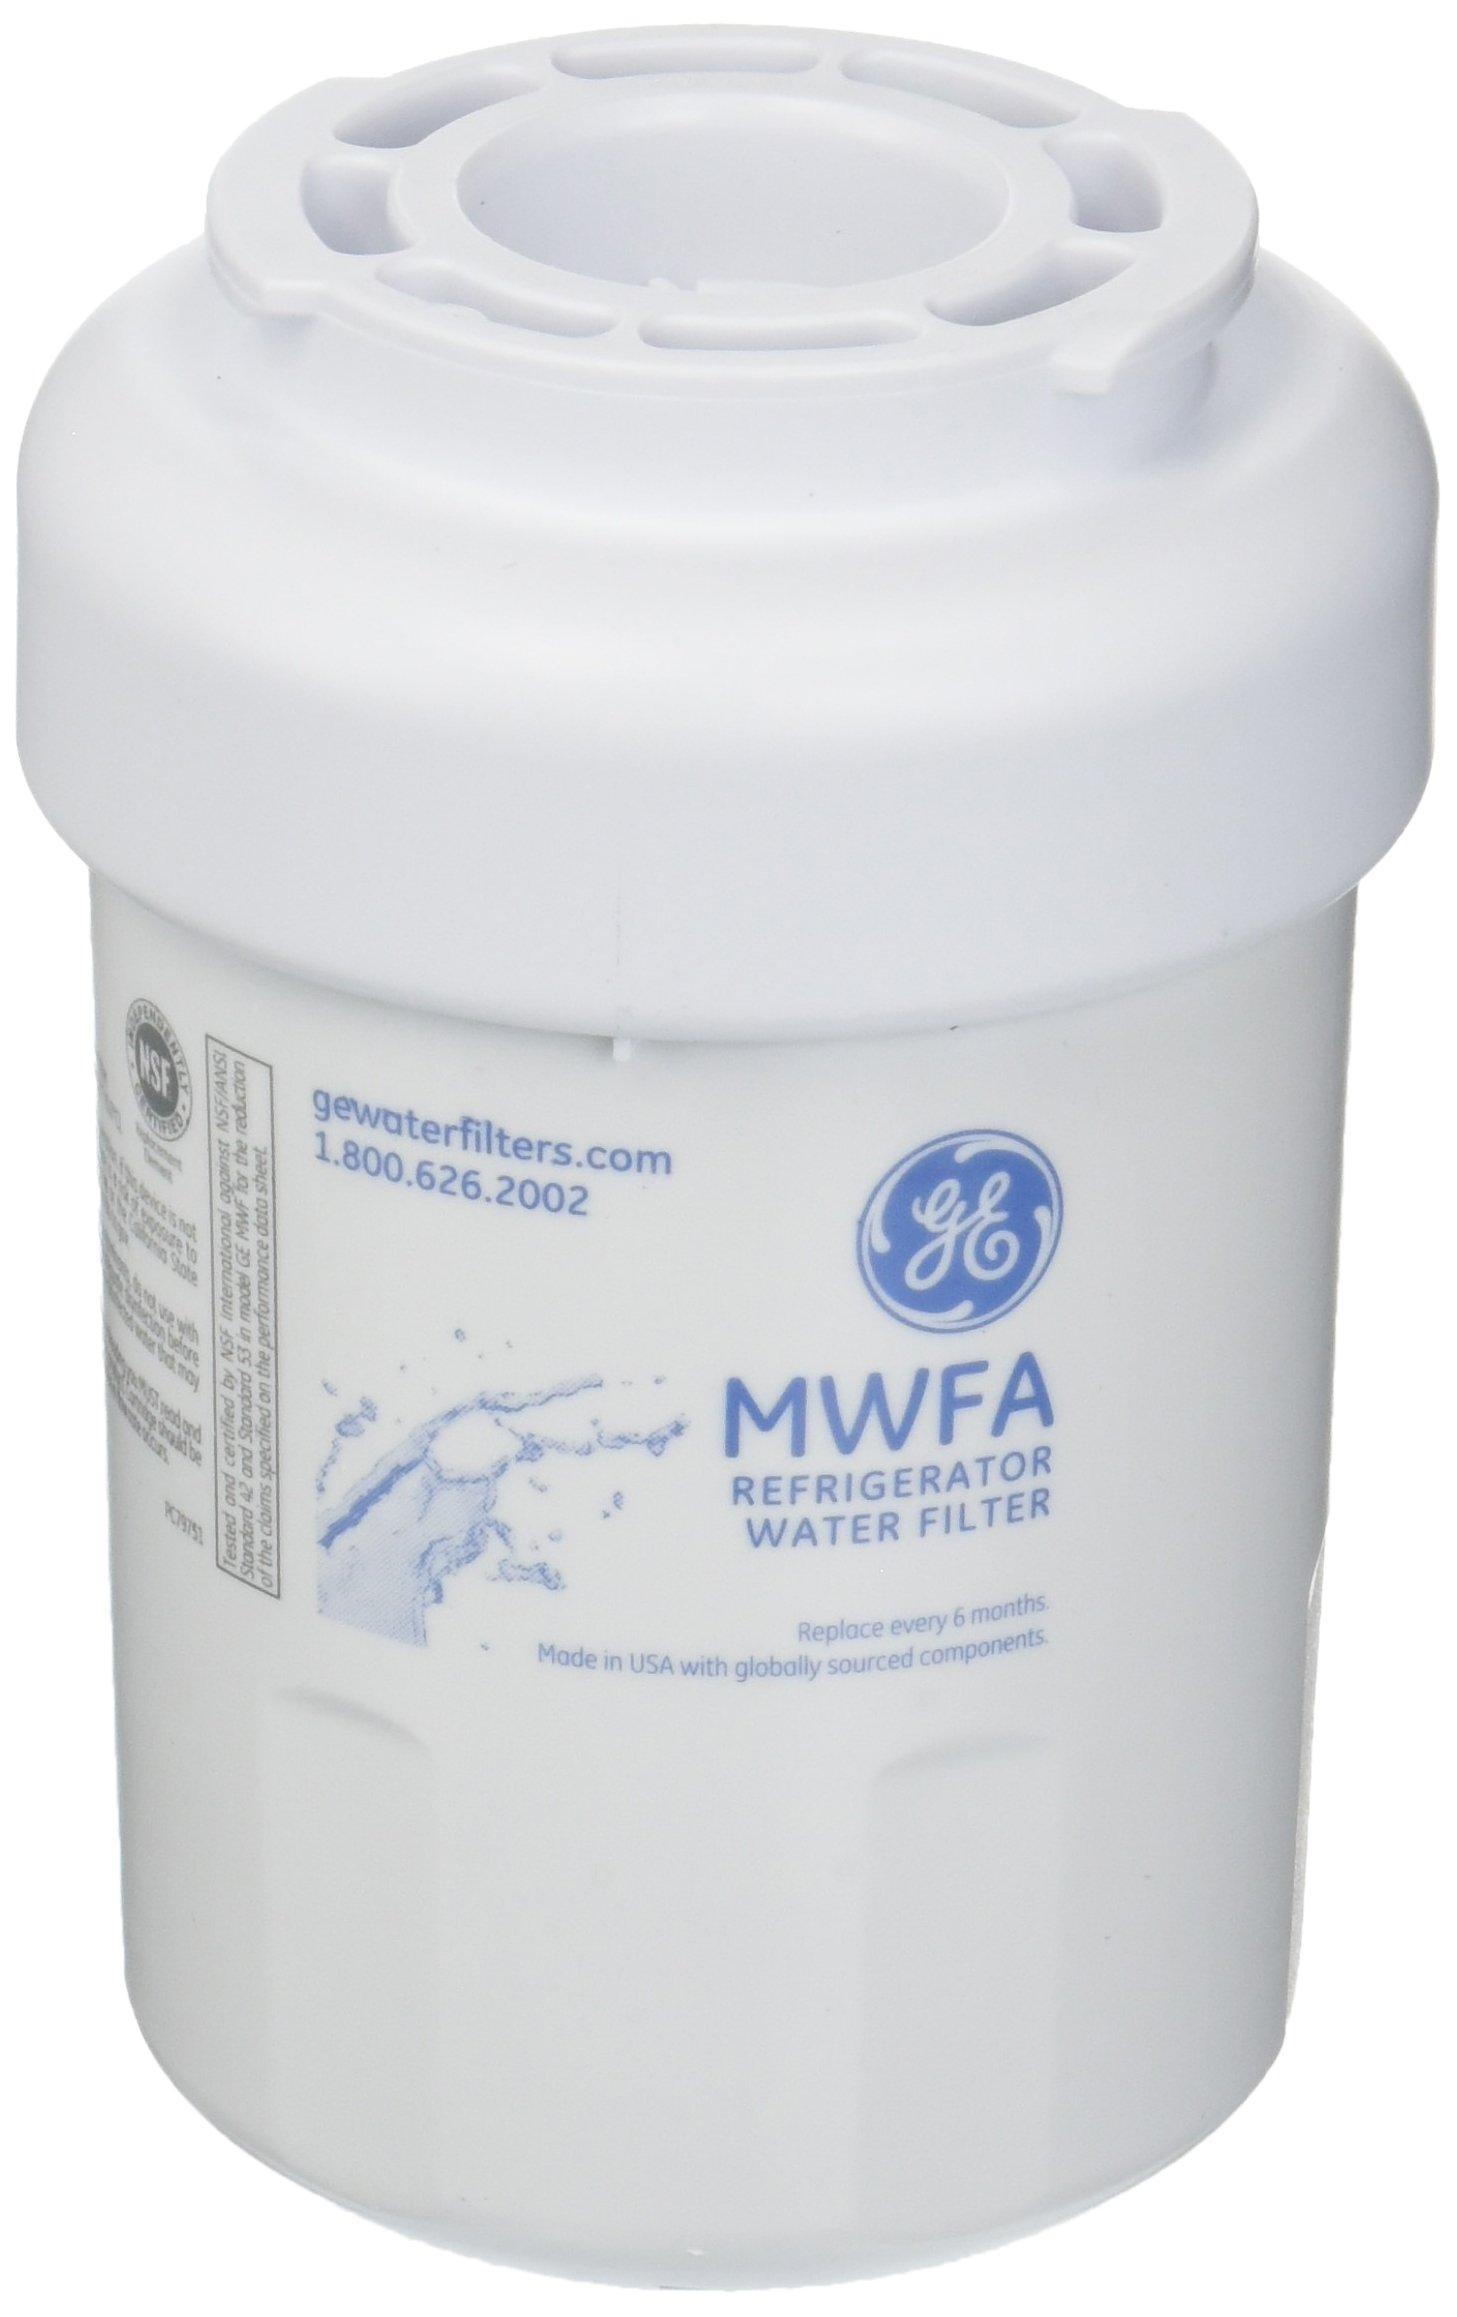 GE MWFA Refrigerator Water Filter, Standard, White